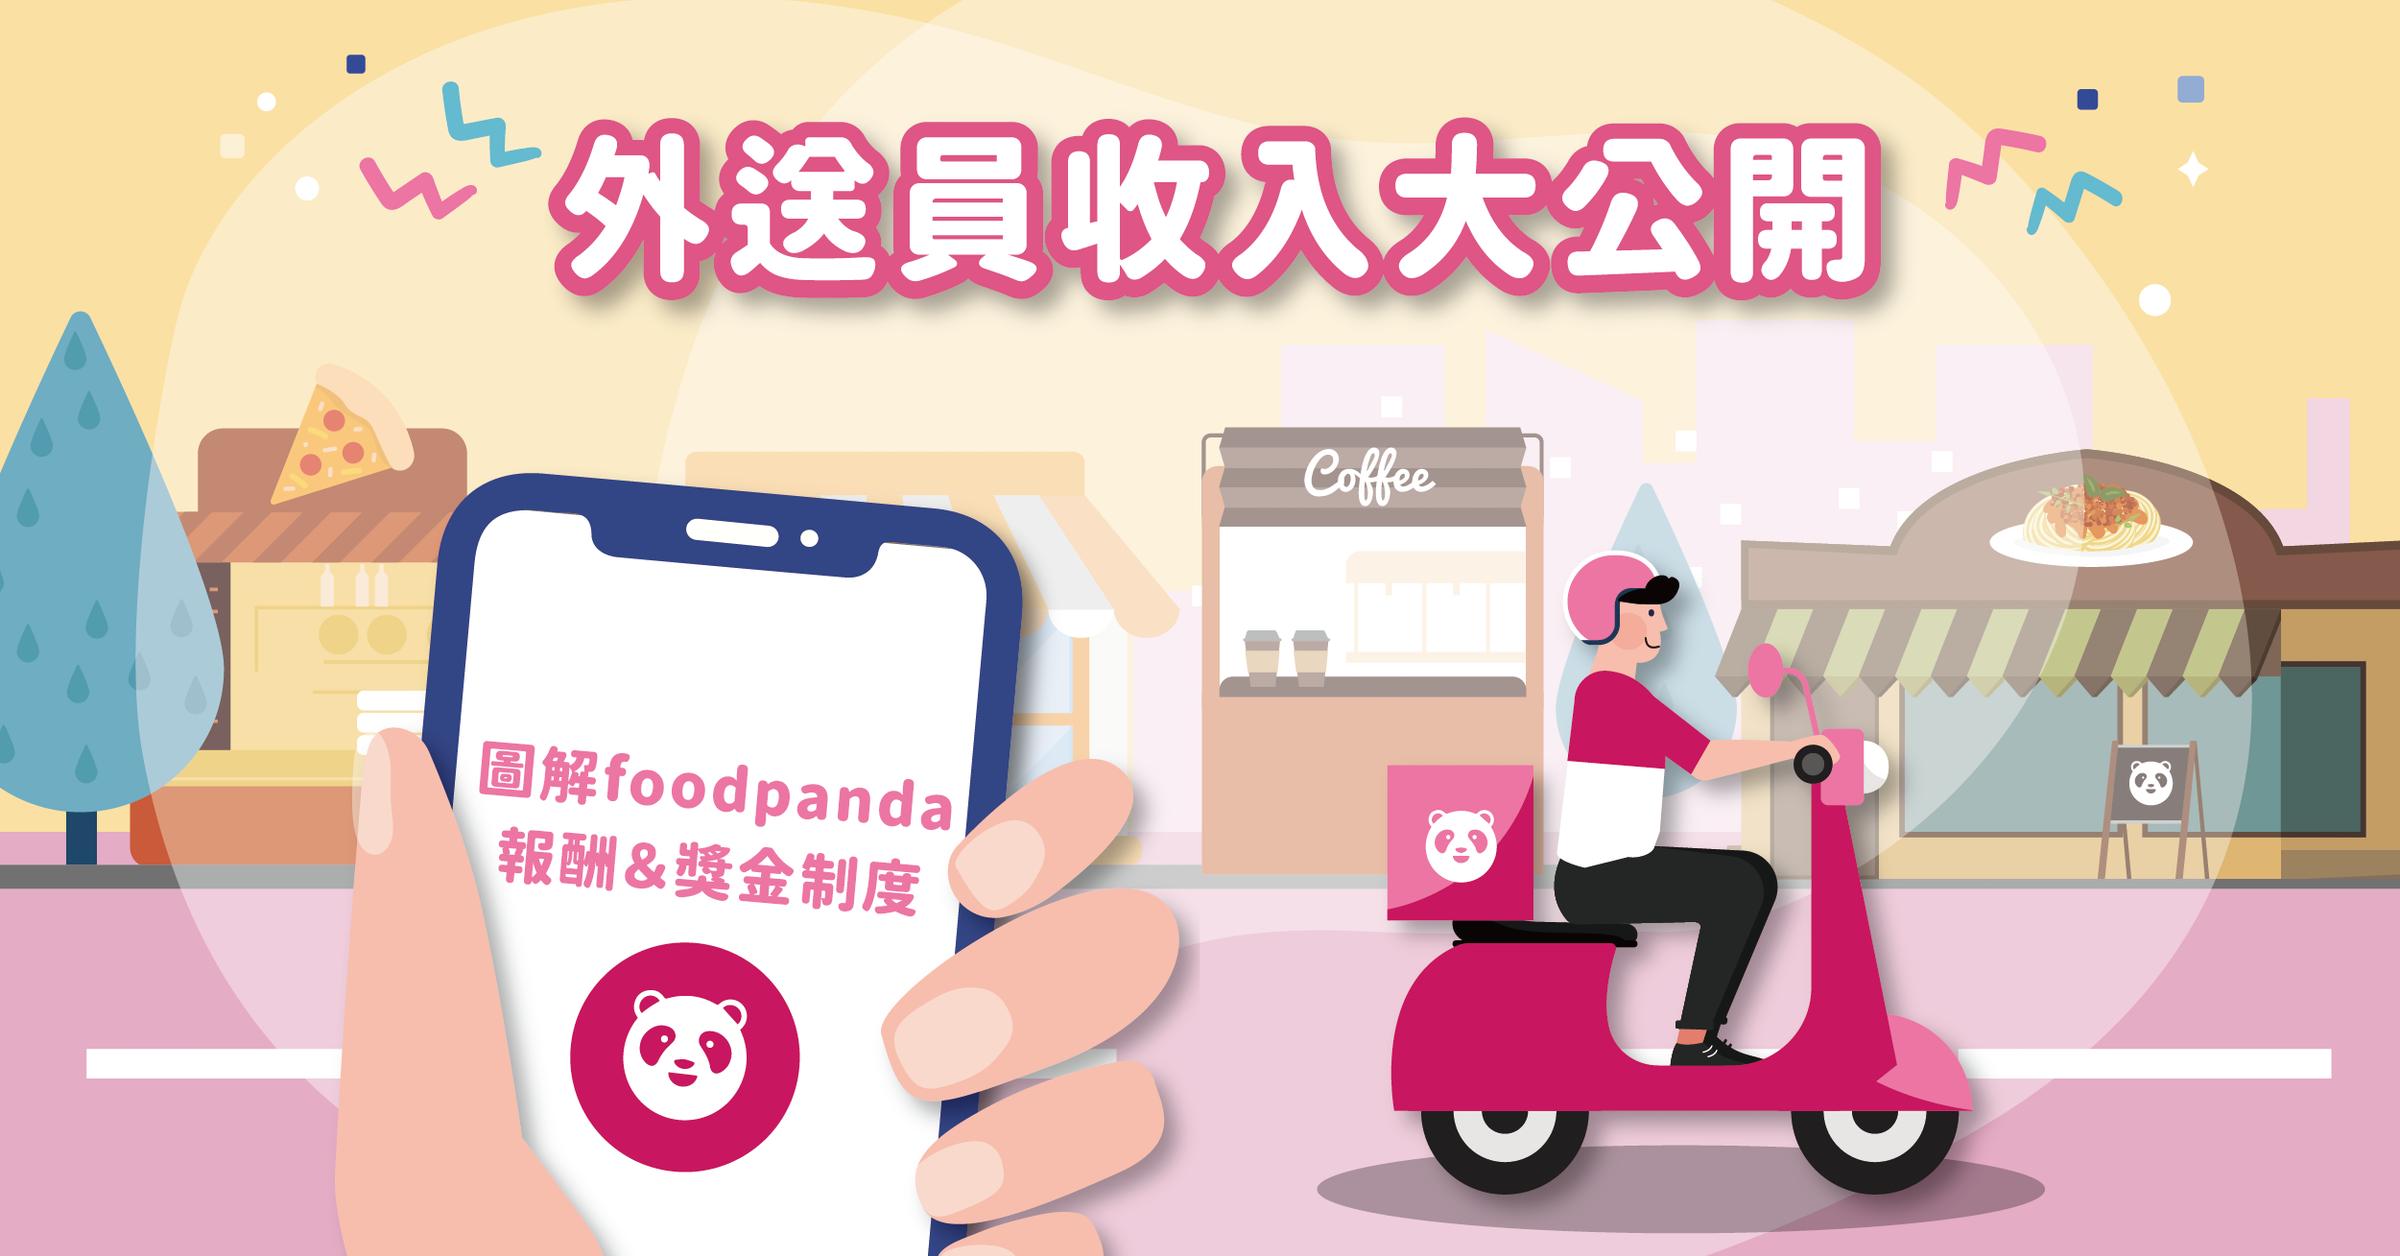 照片中提到了外送員收入大公開、Coffee、圖解food panda,跟熊貓、咖啡漬工作室有關,包含了動畫片、插圖、公共關係、剪貼畫、設計